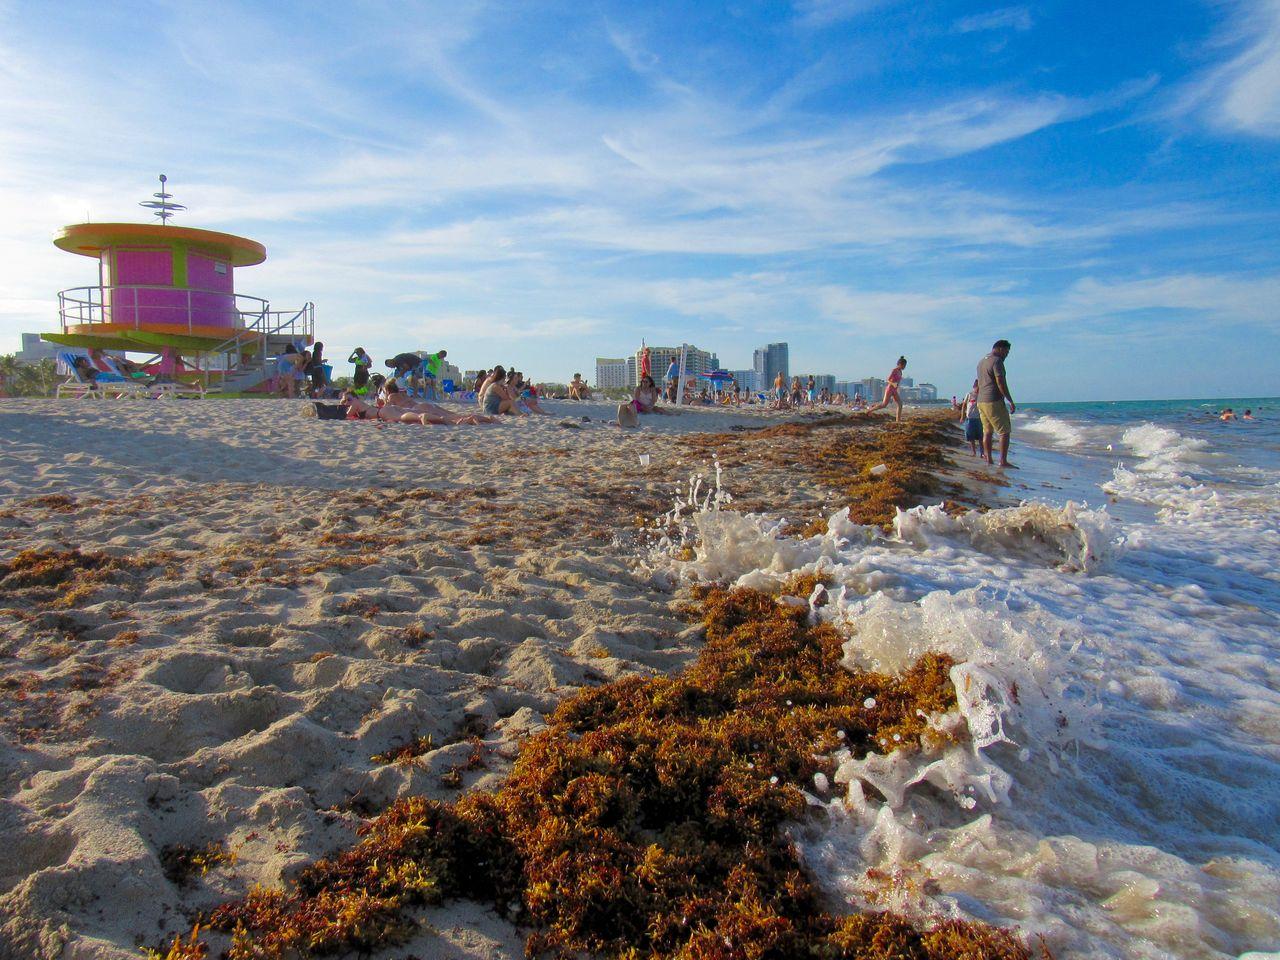 Les algues sargasses sur la plage de Miami Beach fini mai 2019